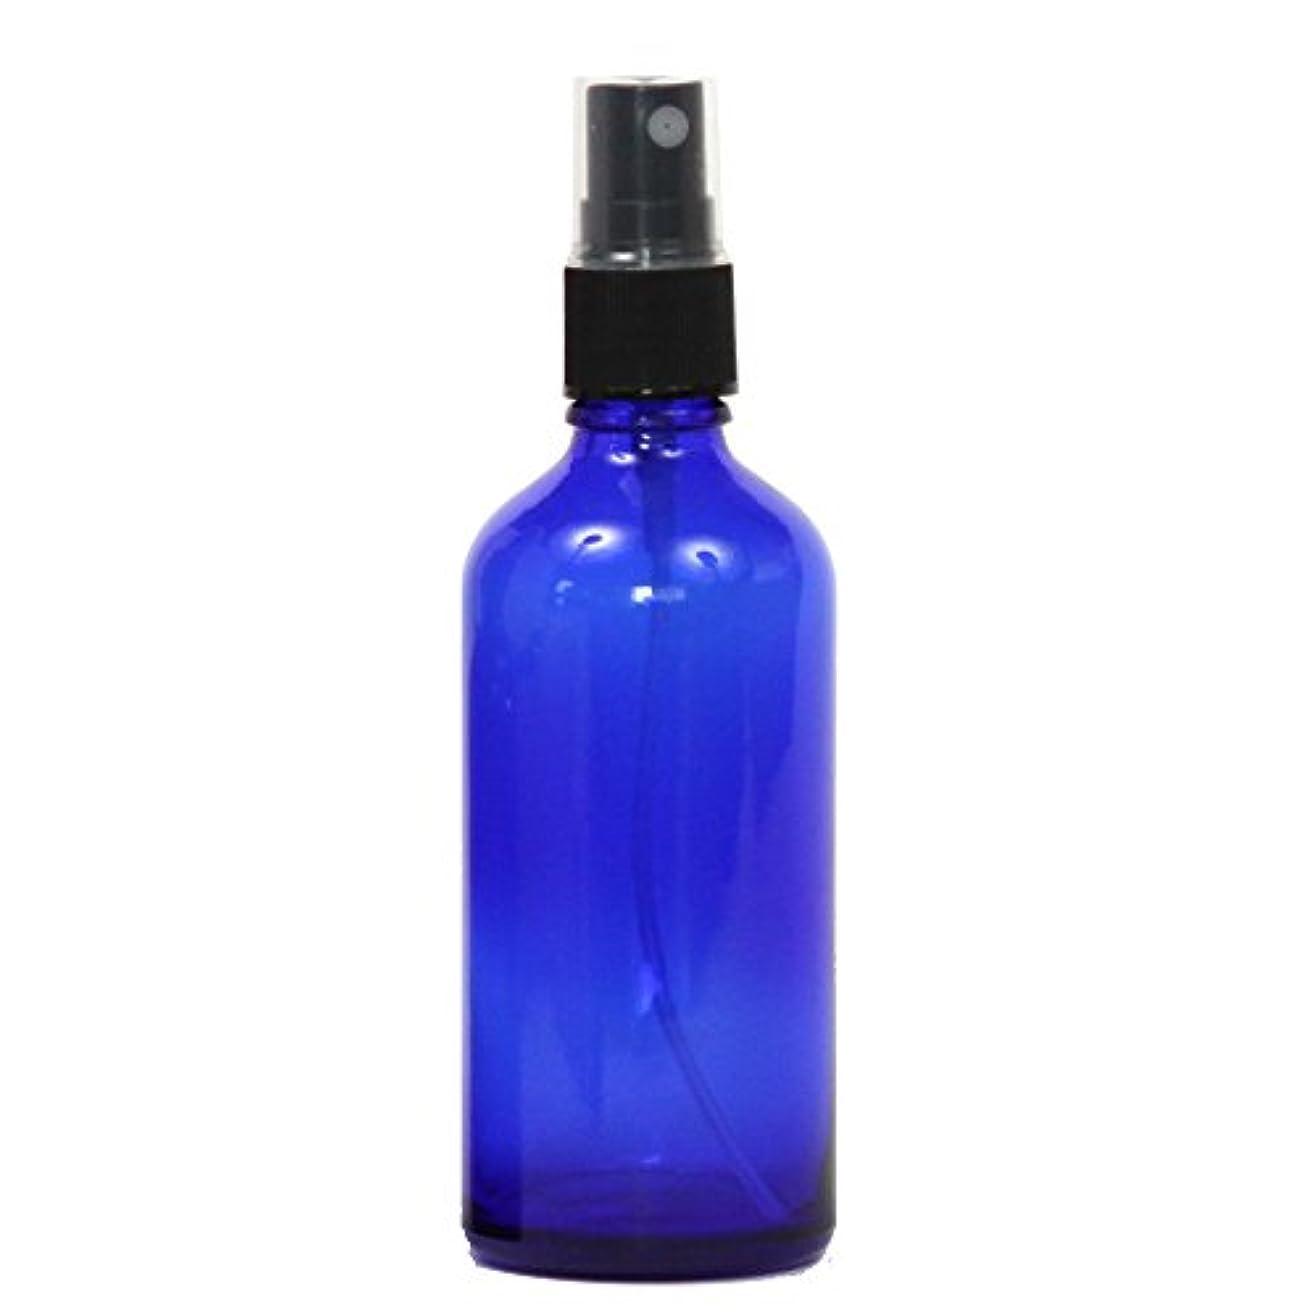 数字十分です魔術師スプレーボトル ガラス瓶 100mL 【コバルト 青色】 遮光性 ブルーガラスアトマイザー 空容器bu100g